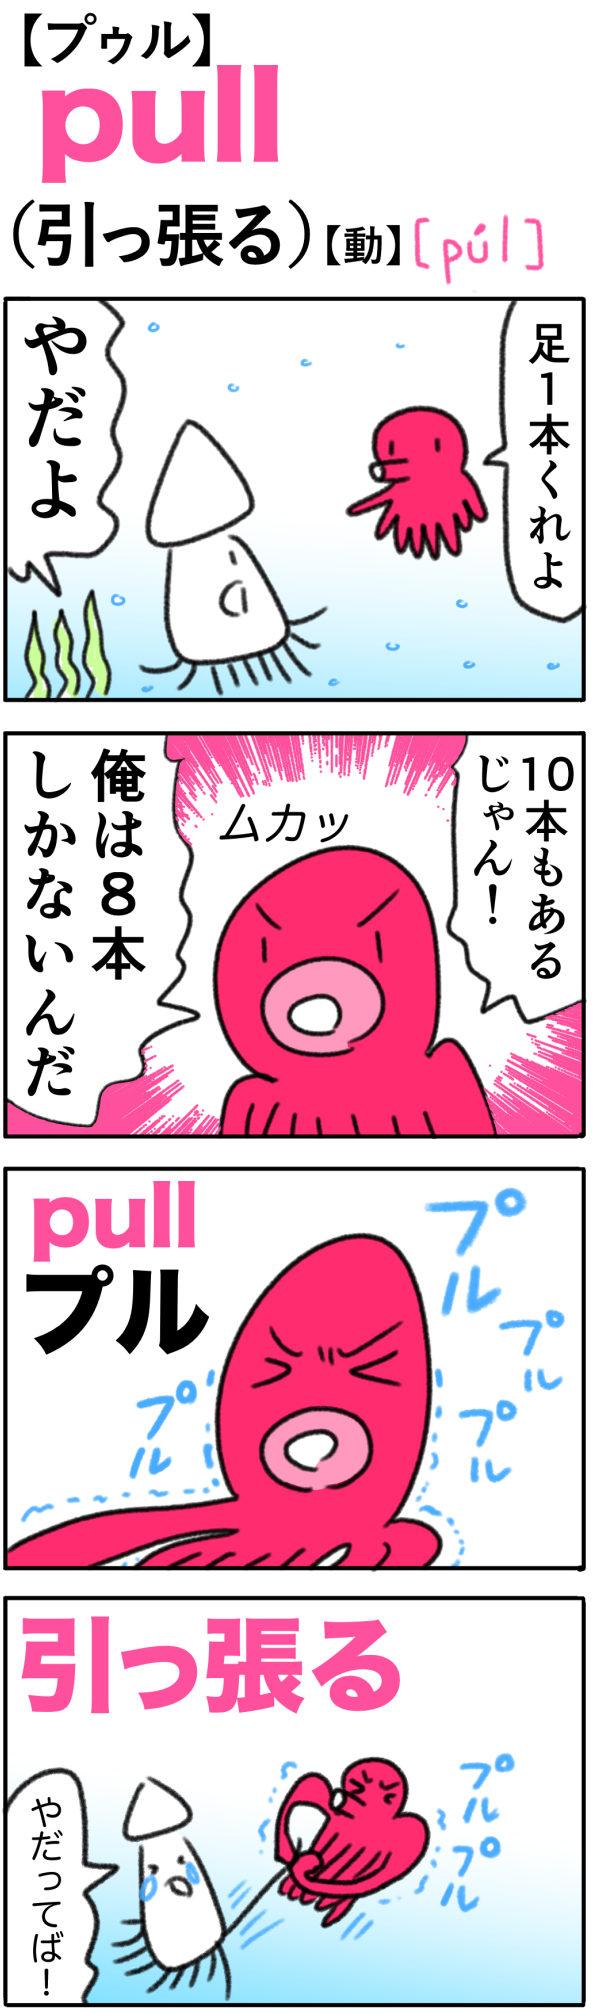 pull(引っ張る)の語呂合わせ英単語